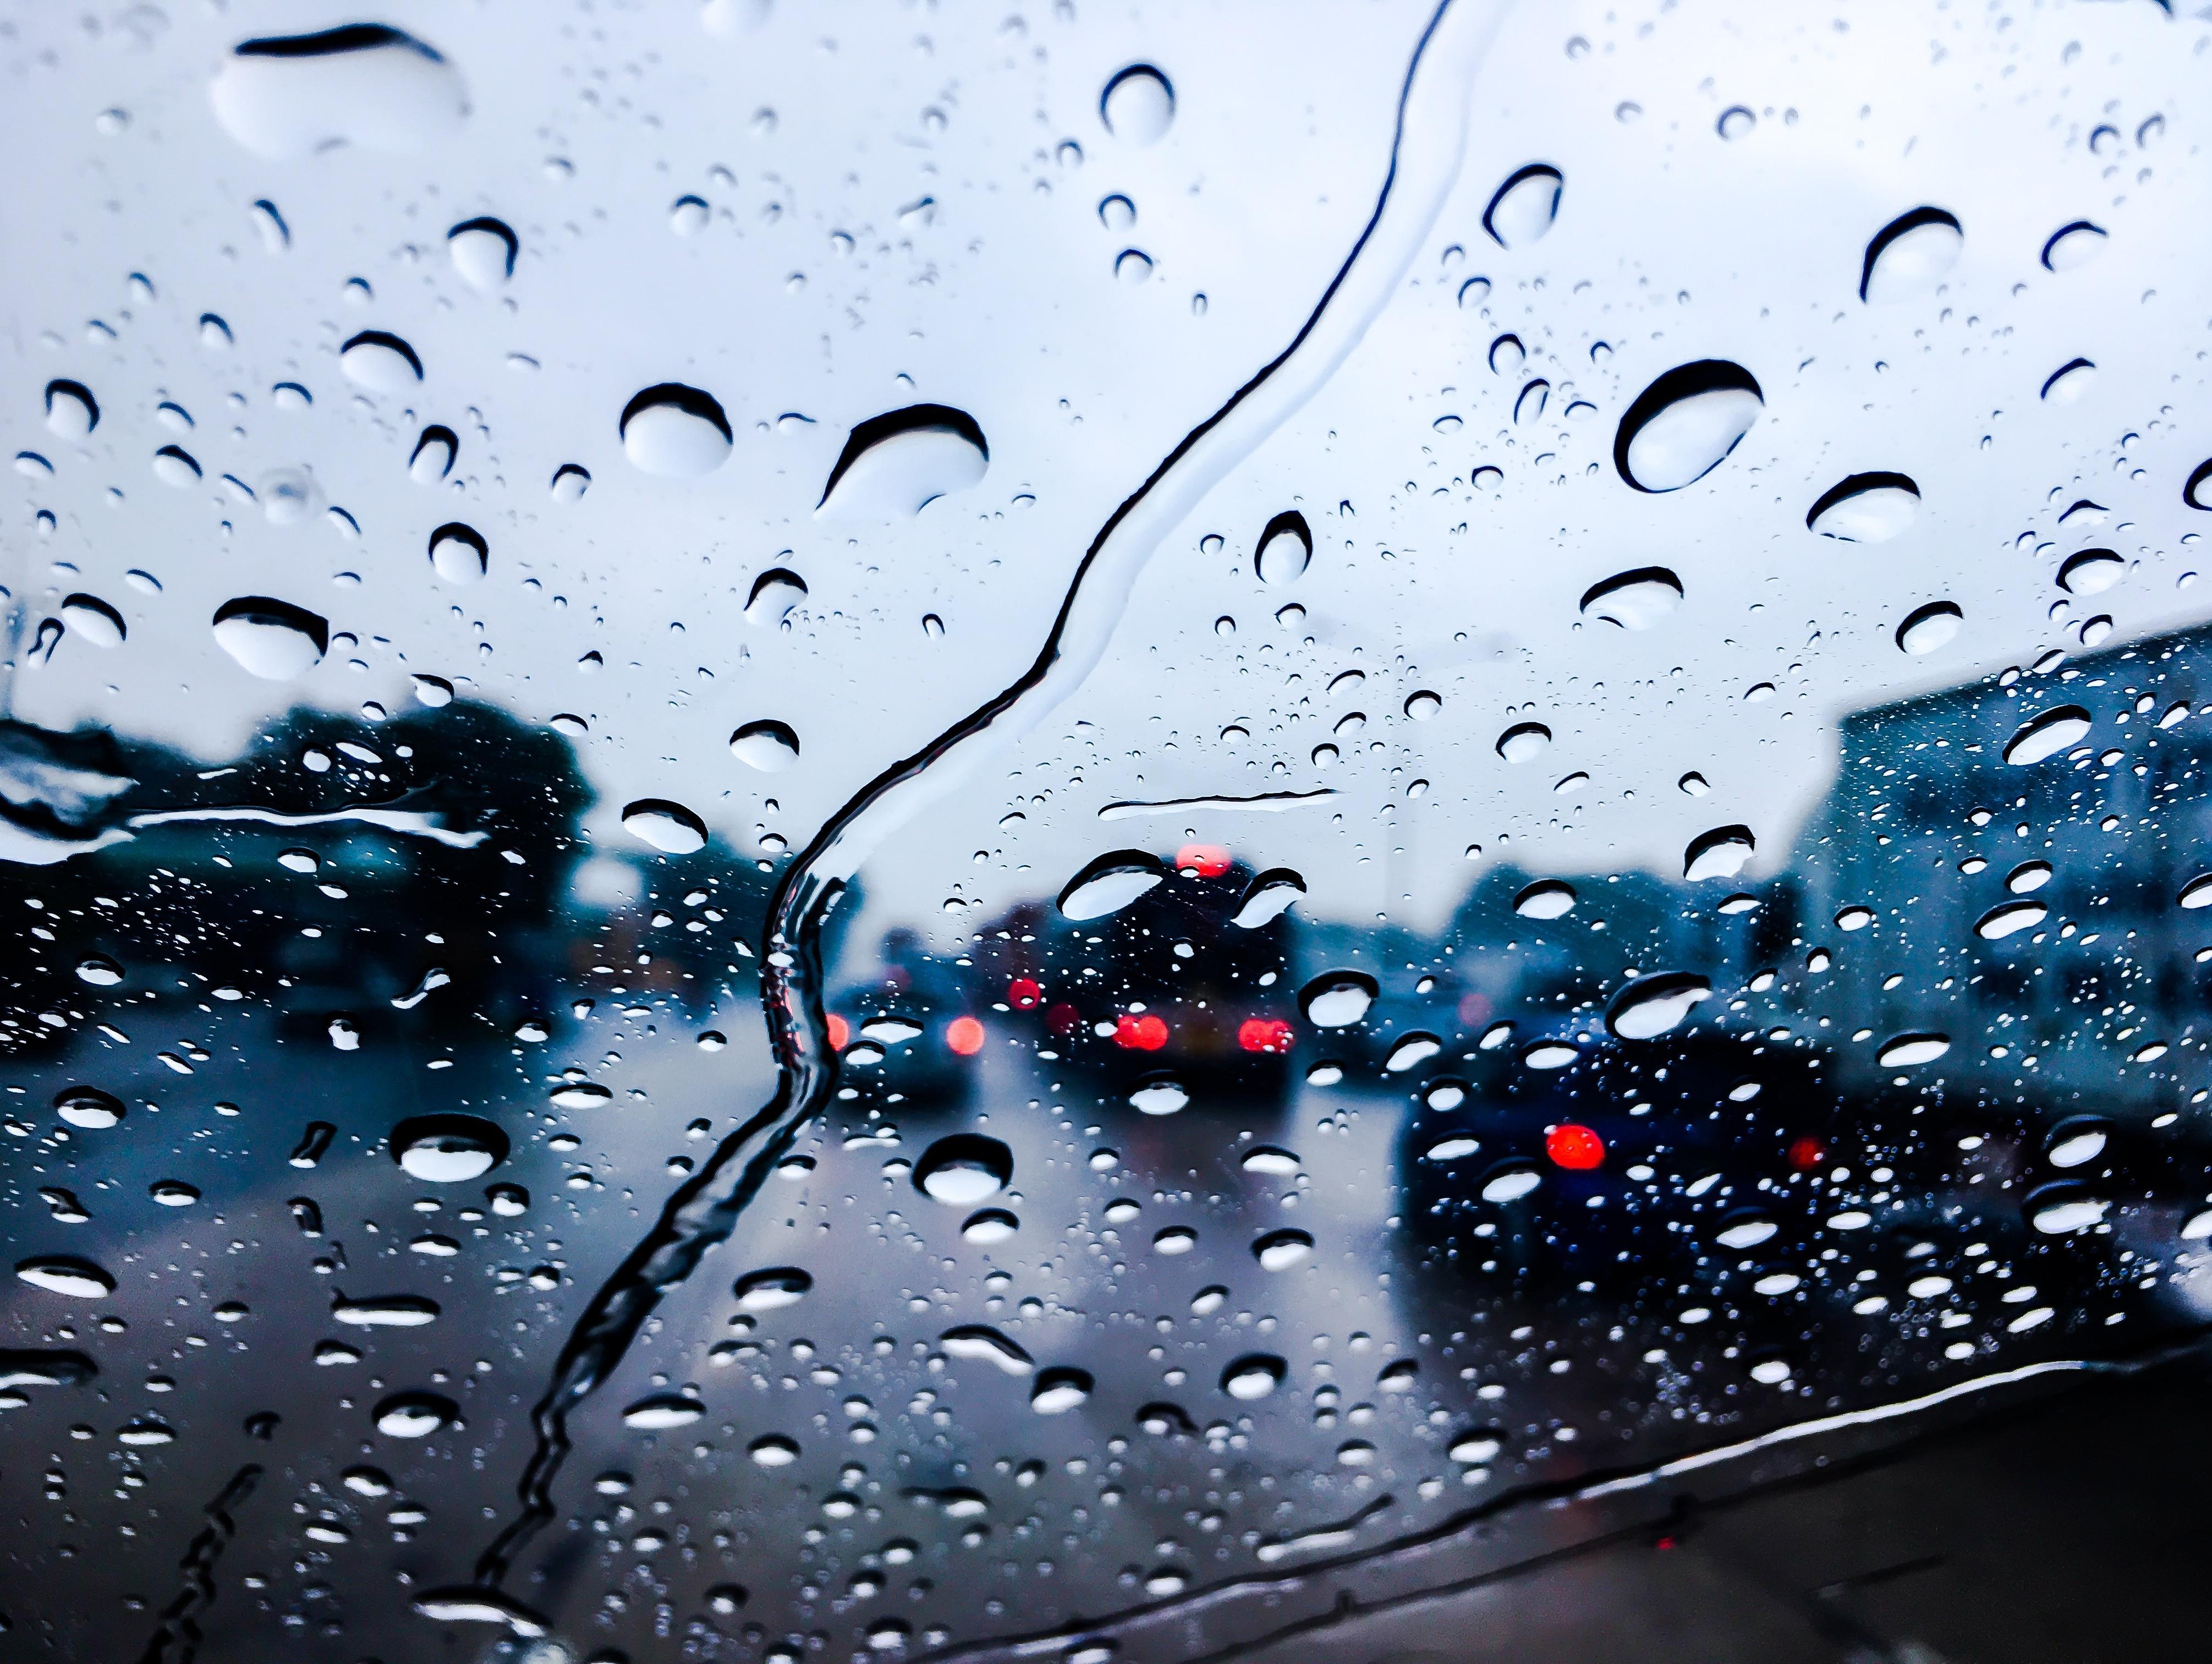 שלושה טיפים פשוטים ומצילי חיים לנהיגה בטוחה יותר בחורף